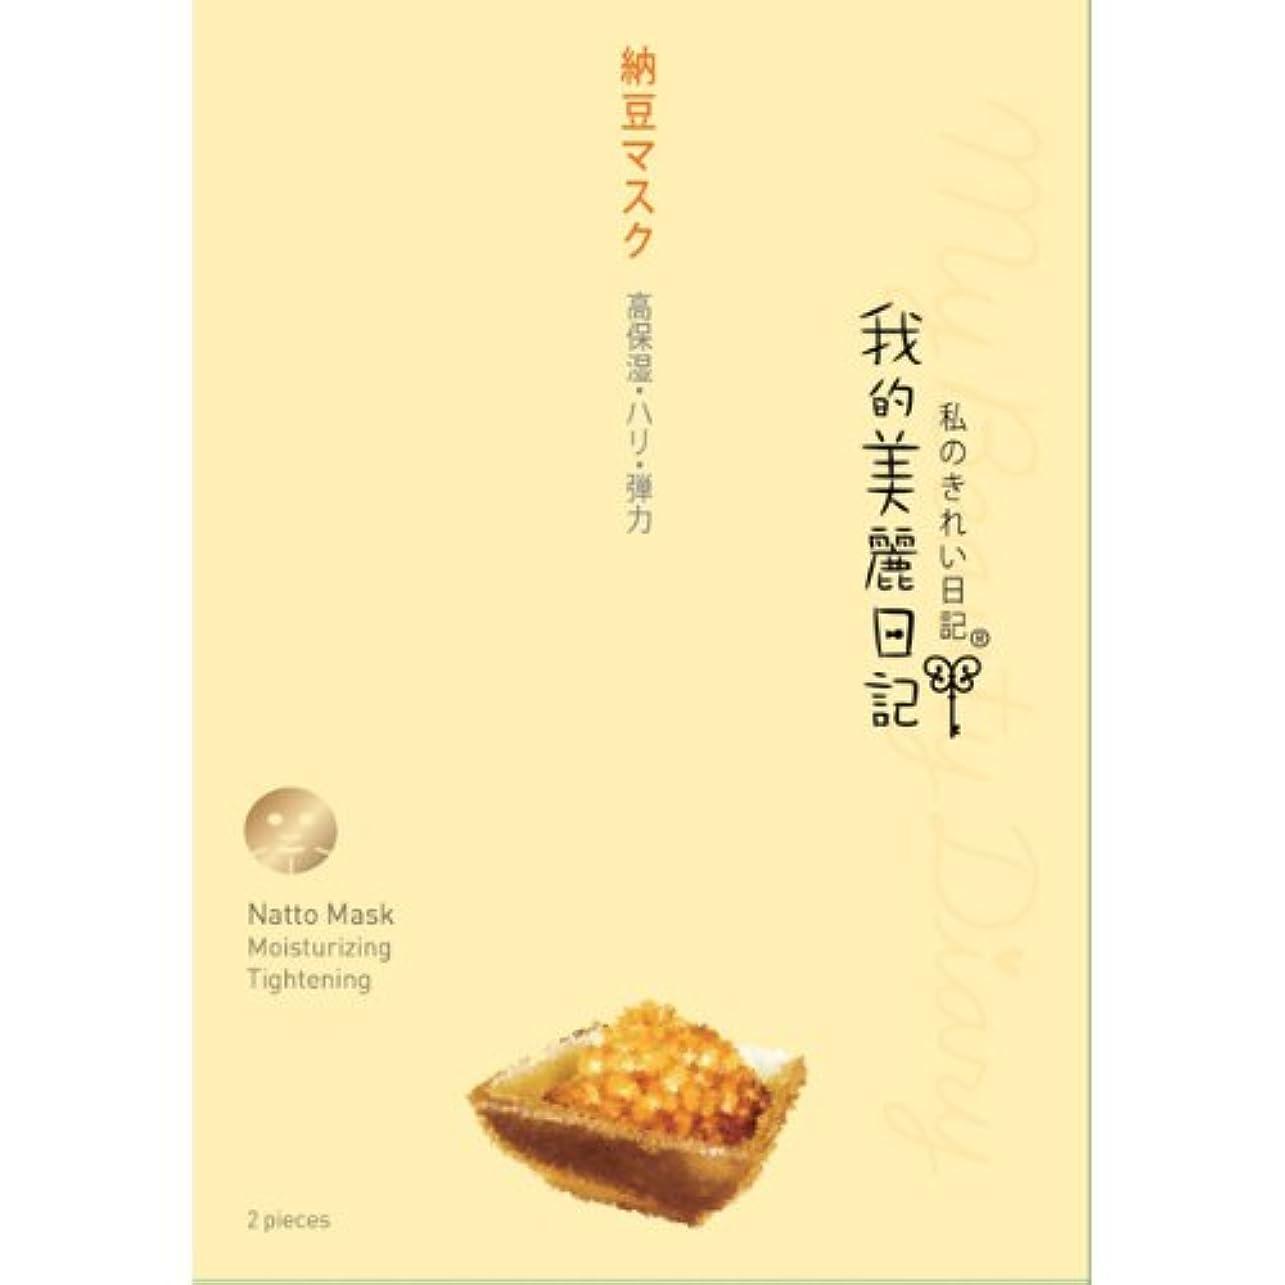 オーロックスイッチ複雑な我的美麗日記 私のきれい日記 納豆マスク 23ml×2枚